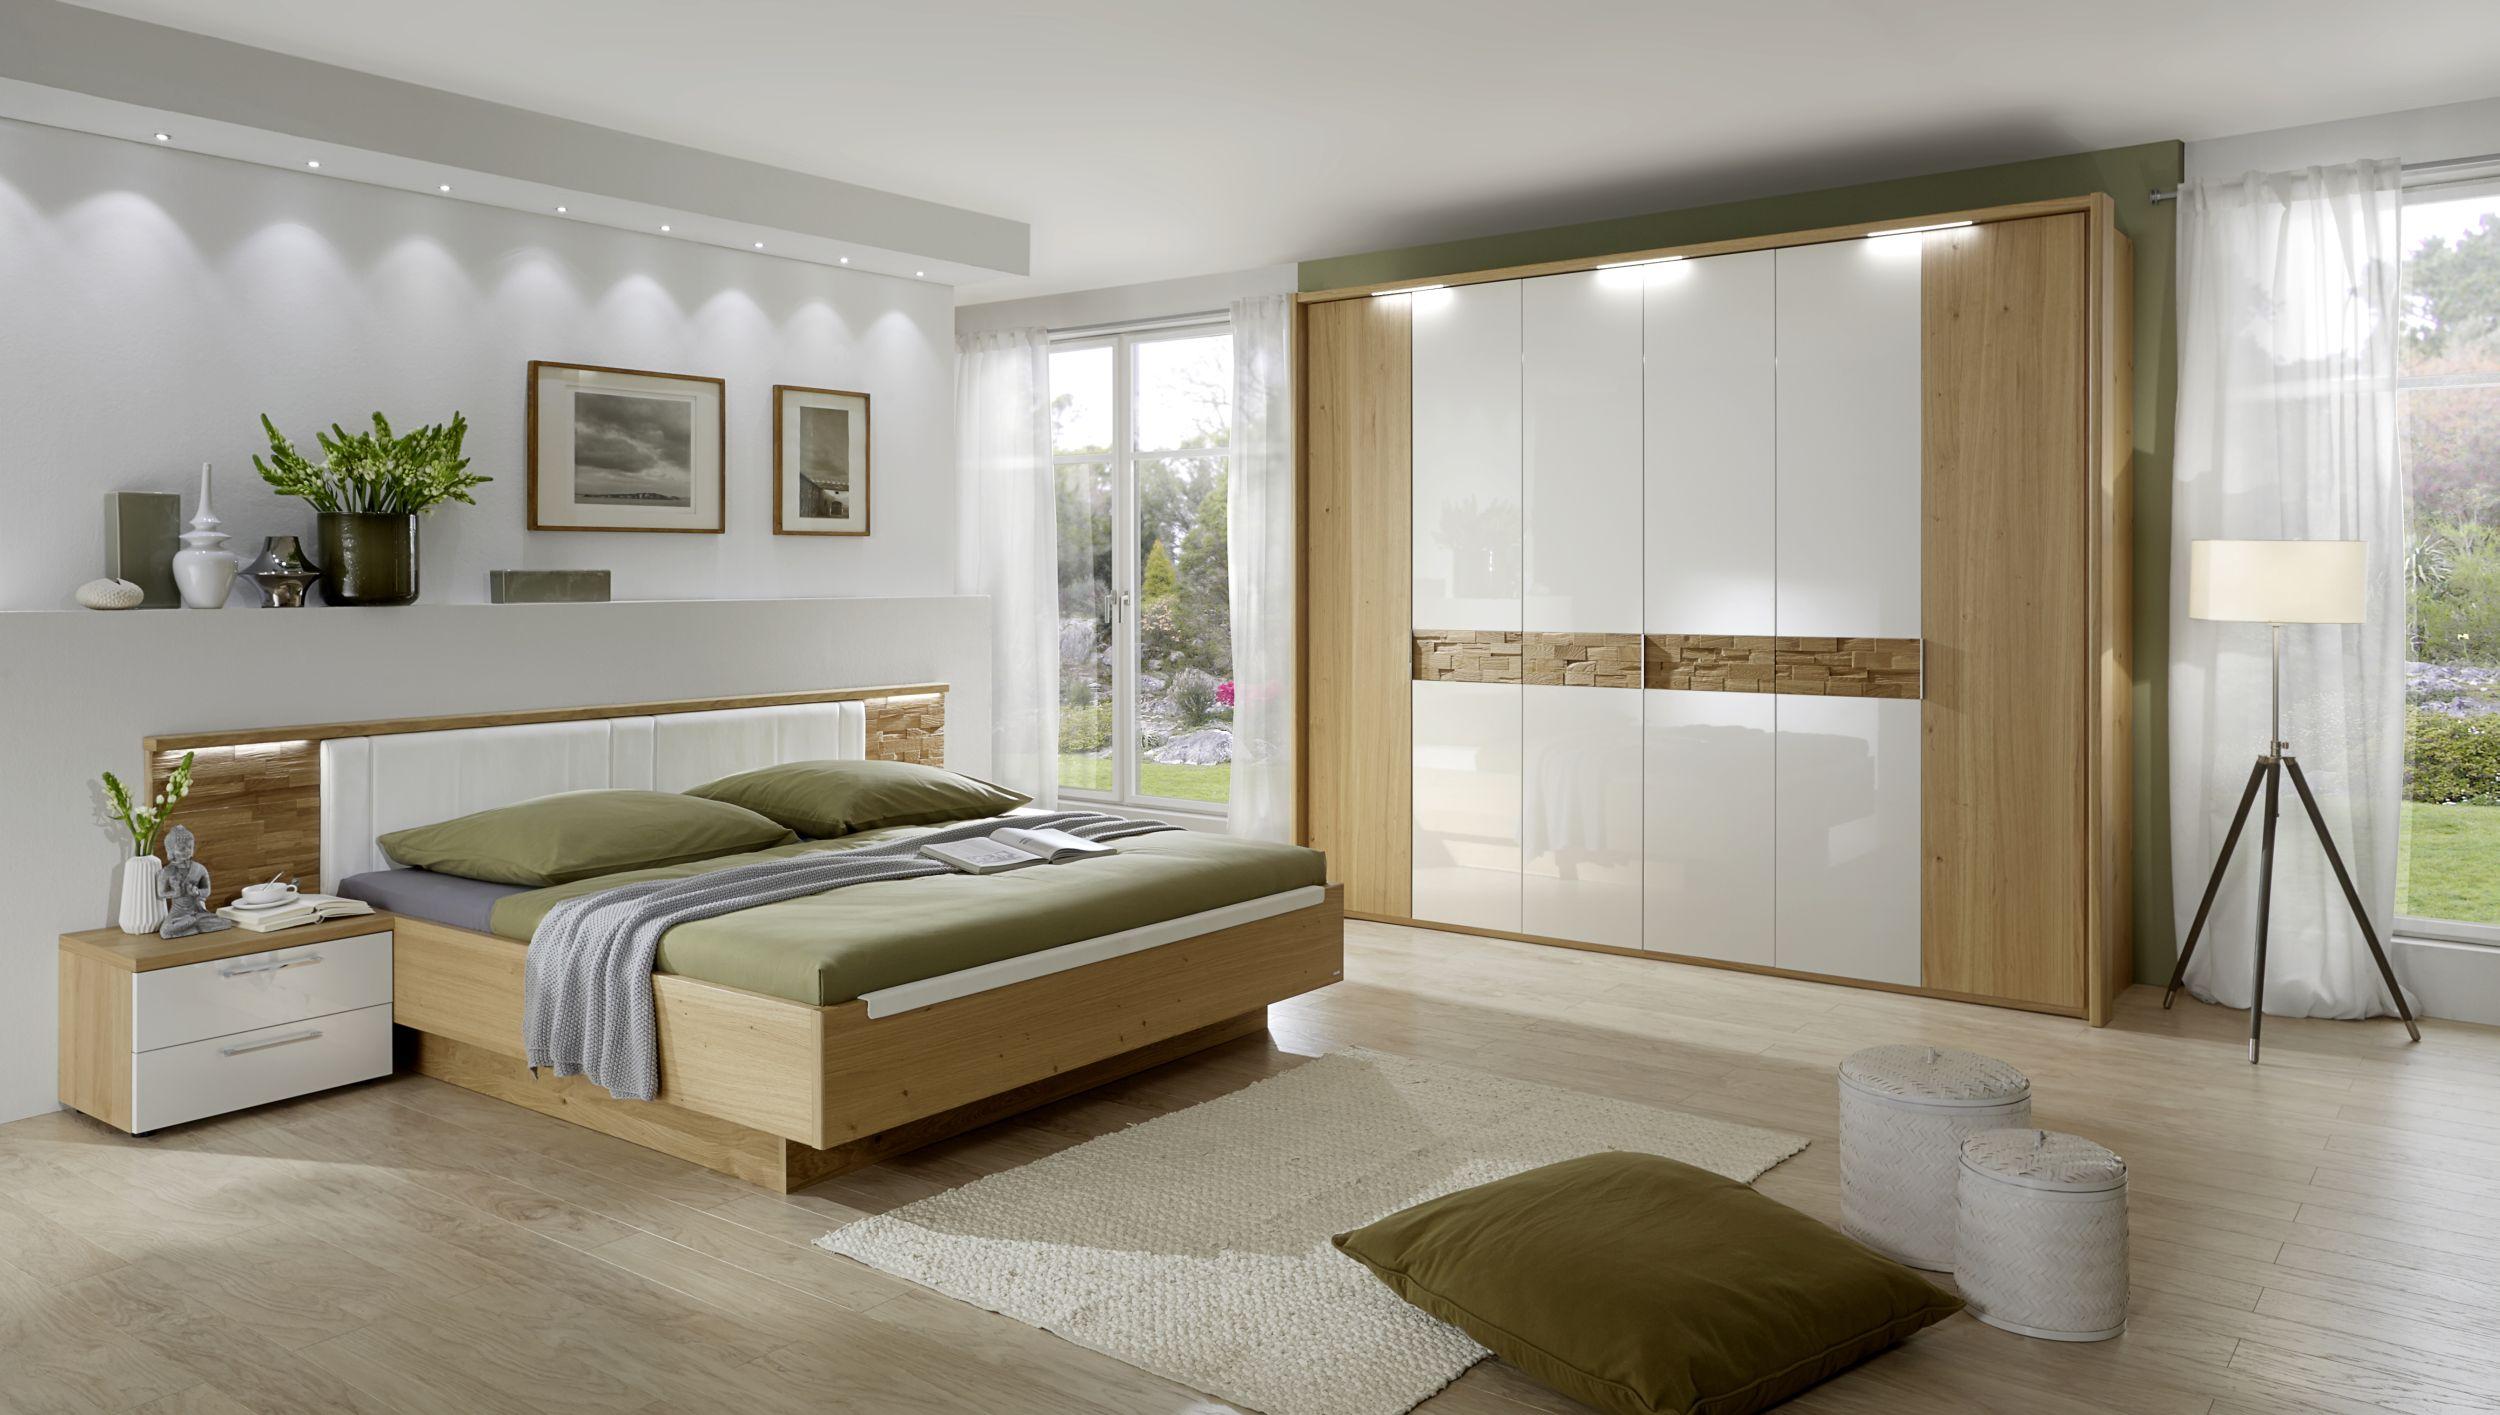 Schlafzimmer in Wildeiche mit Doppelbett und 6türigen Kleiderschrank |  Möbelhaus Pohl - Wilhelmshaven & Friesland